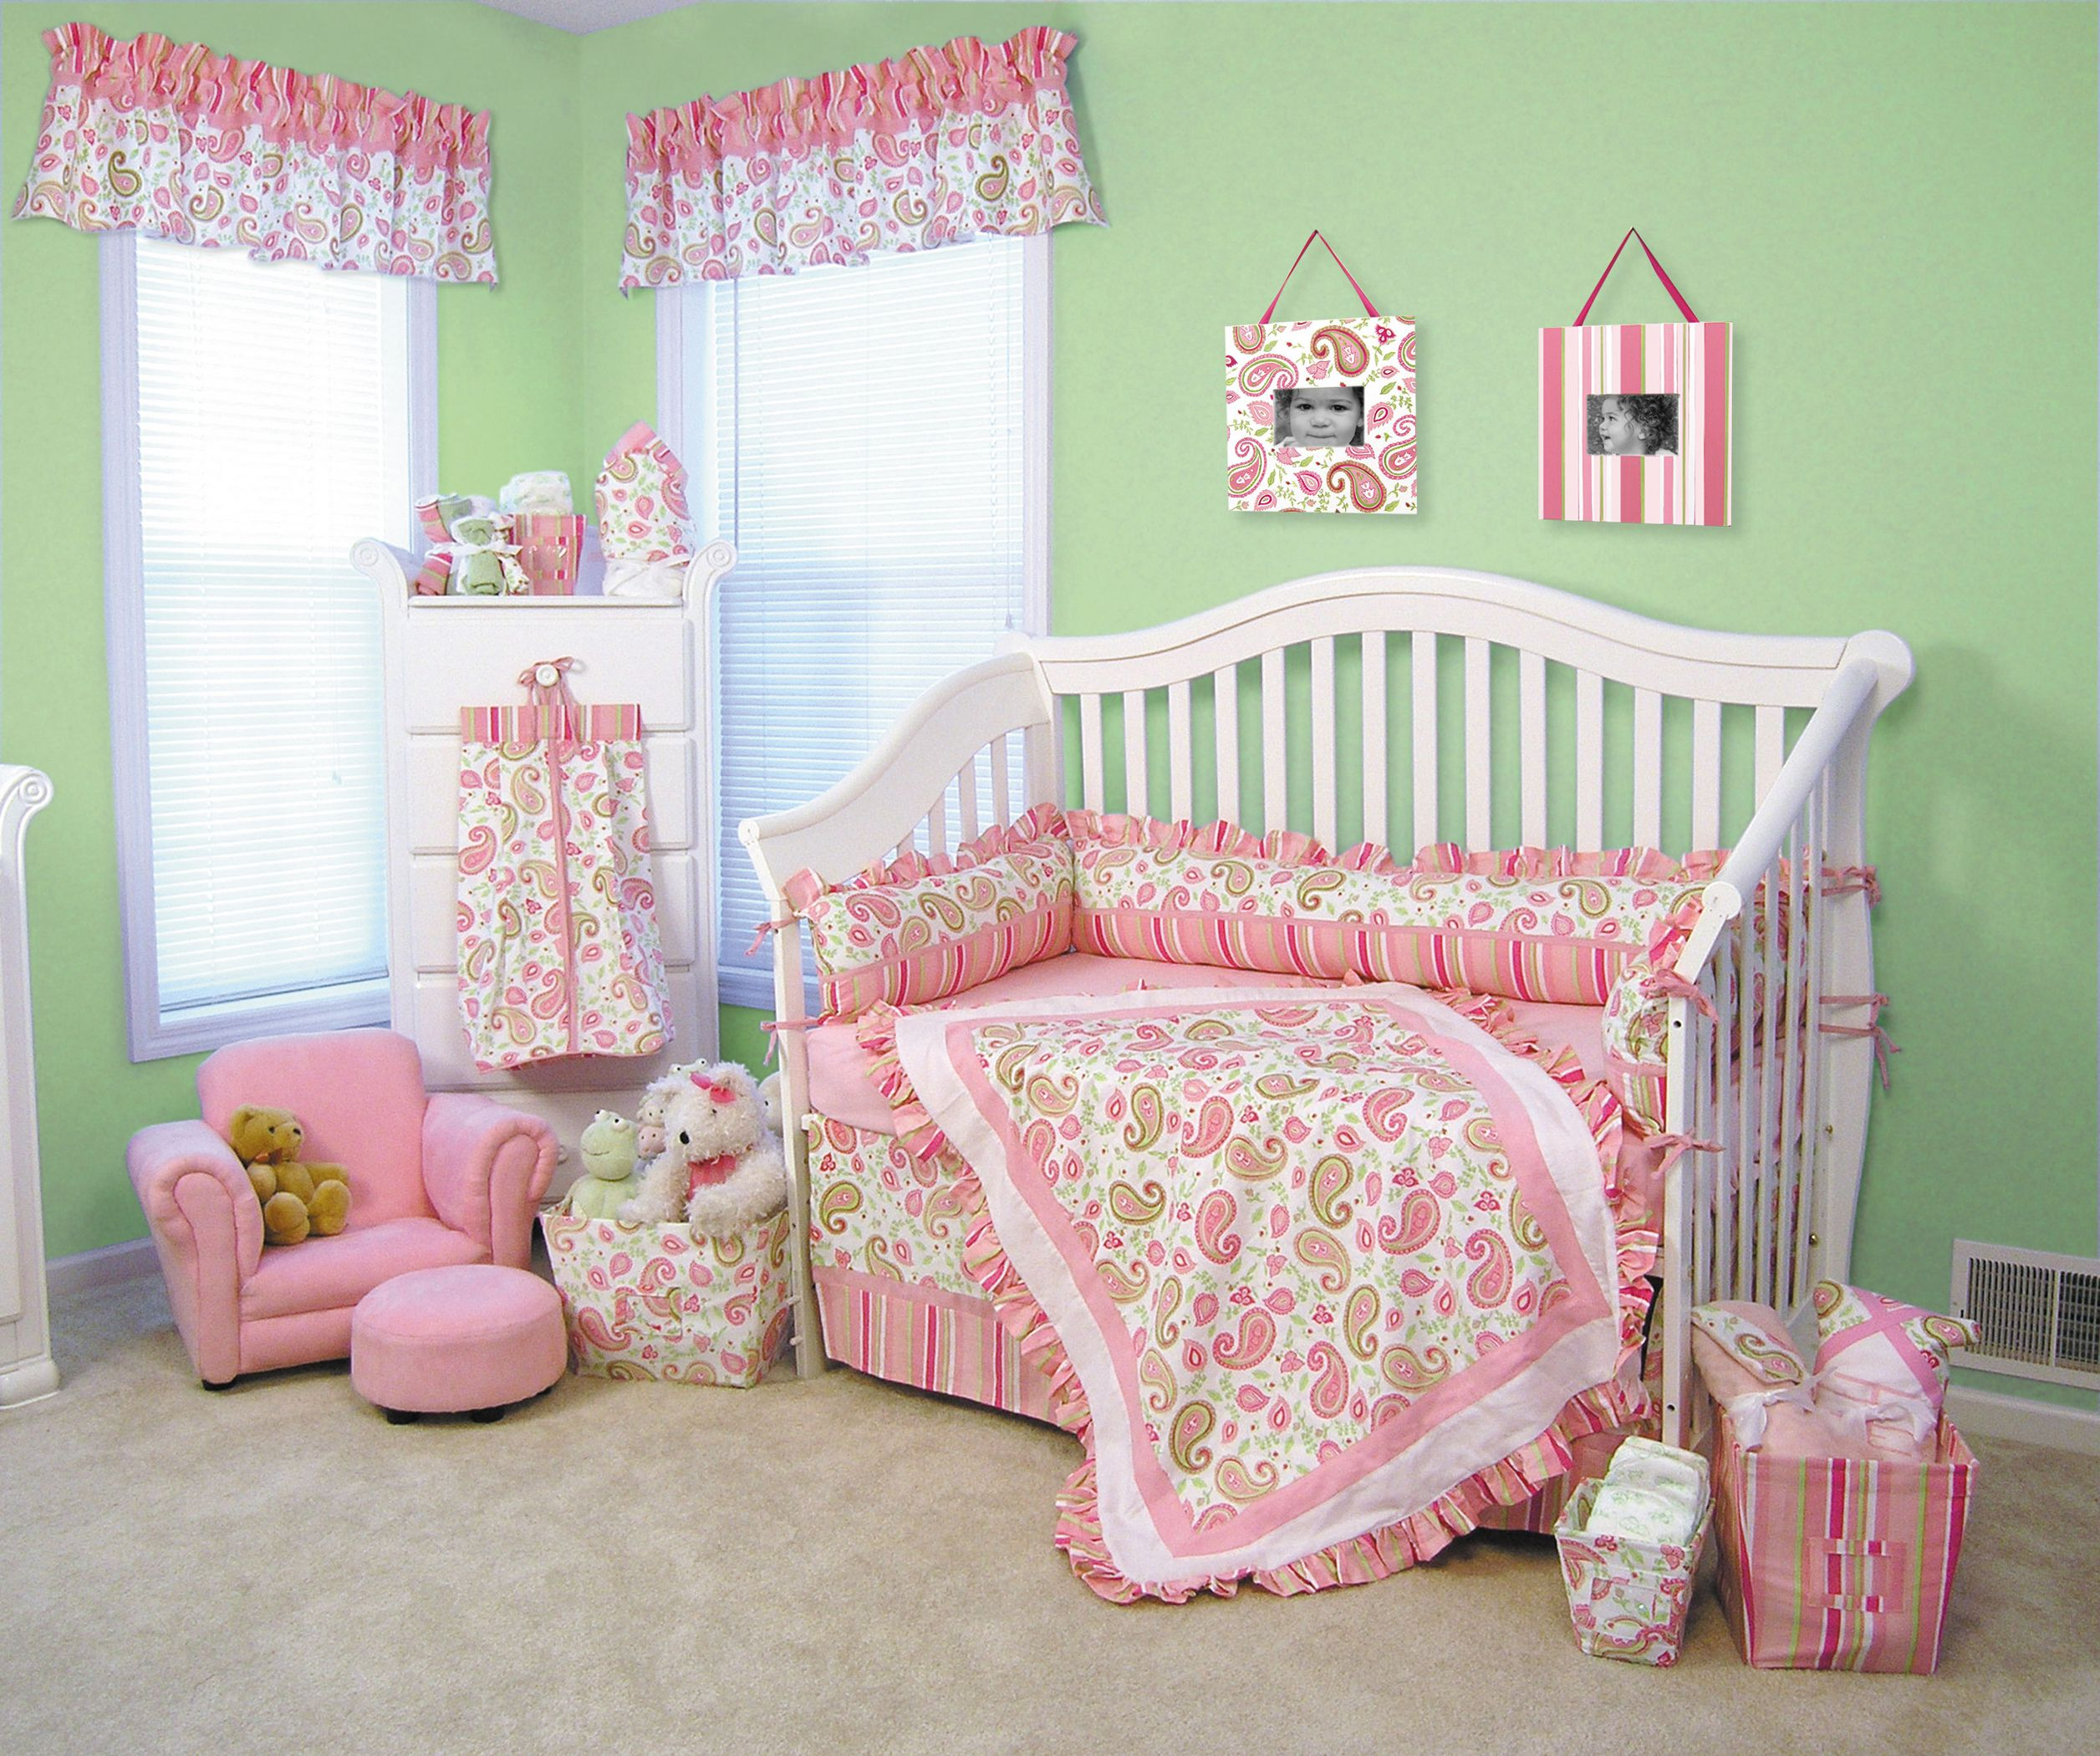 Surprising Paisley Crib Sheets Part - 17: Paisley Bedding | Pink Paisley Crib Bedding, Pink Paisley Baby Beding,  Trend-lab Paisley .